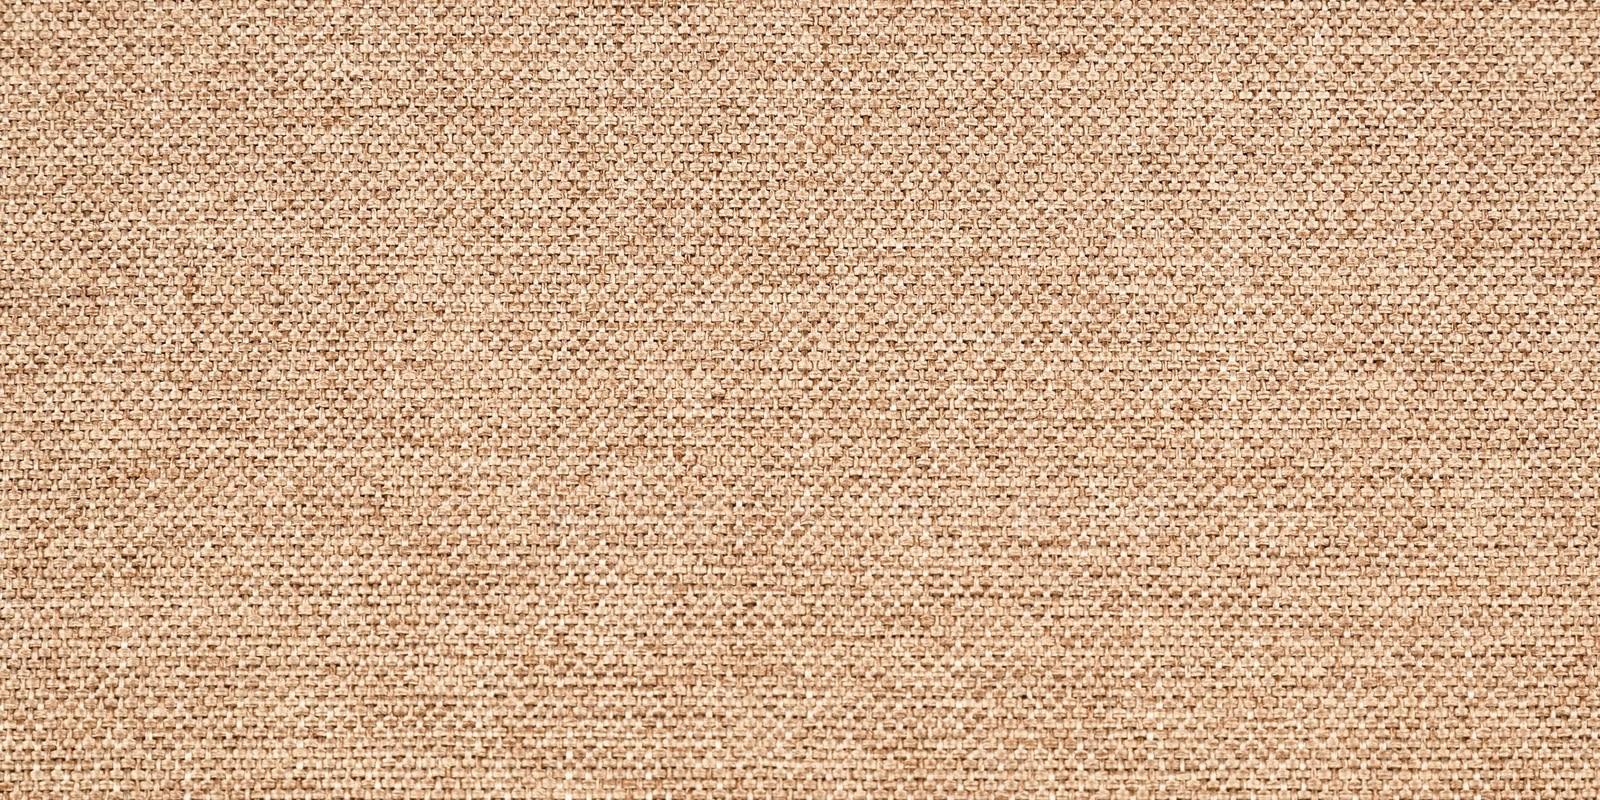 Кресло Флэтфорд рогожка бежевая с коричневым кантом фото 8 | интернет-магазин Складно